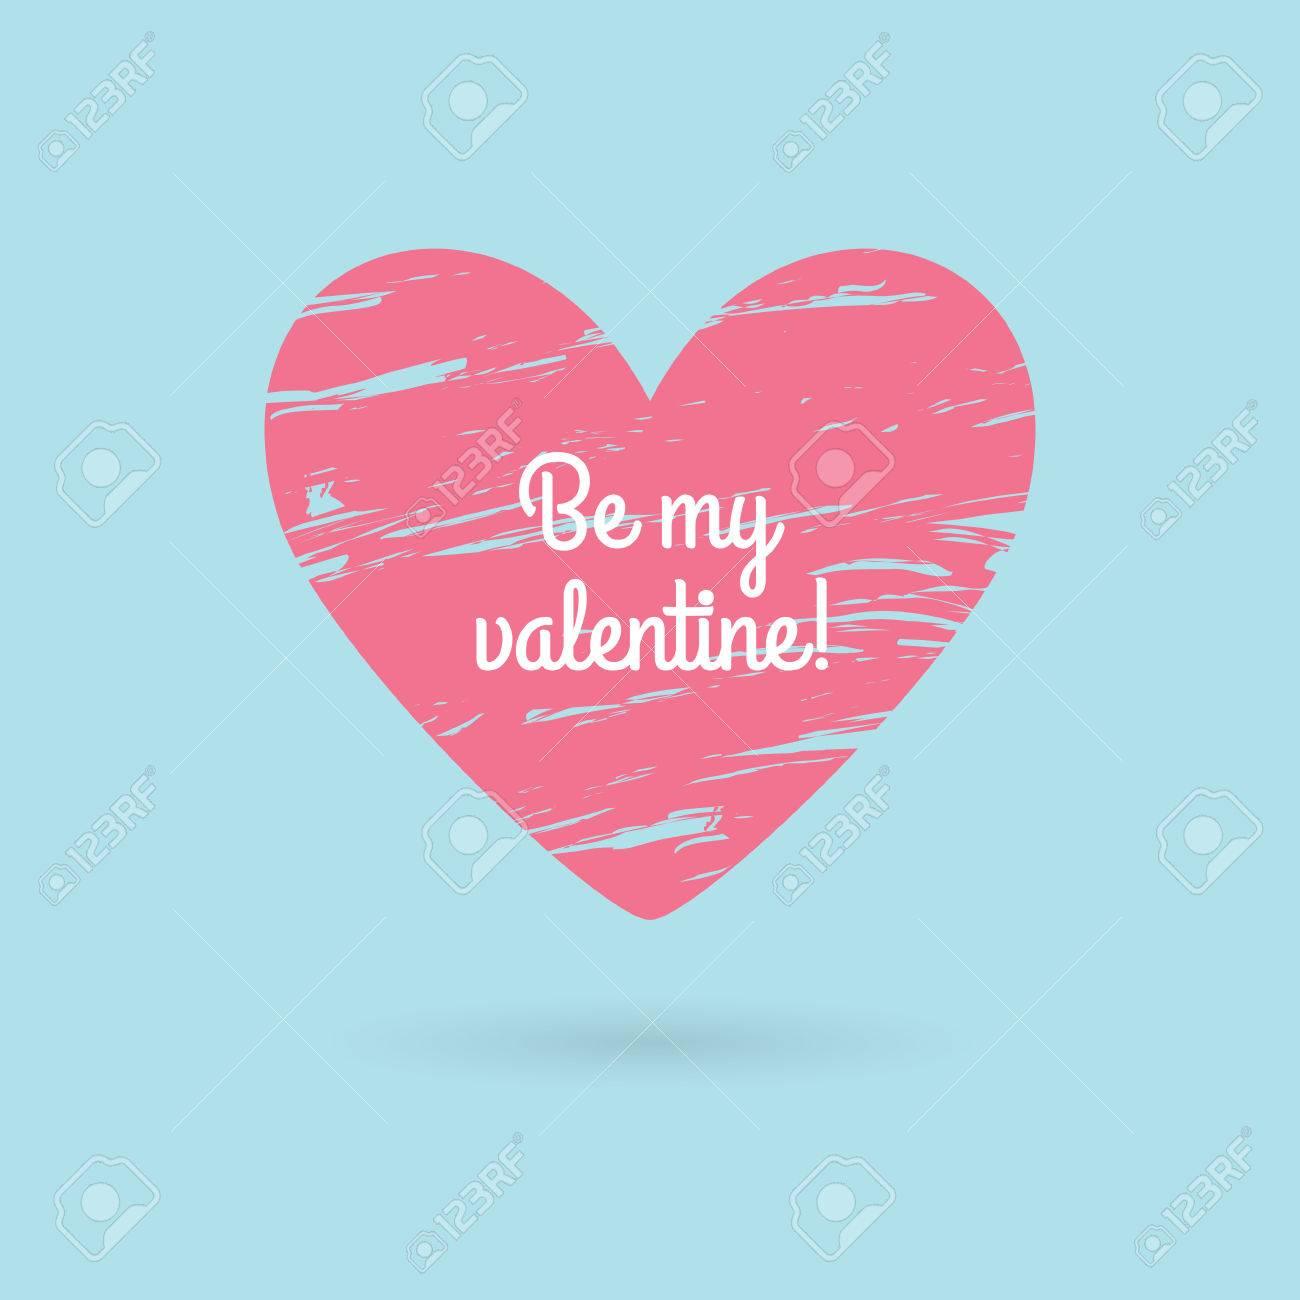 Dia De San Valentin De Letras El Amor Y La Frase Romantica Corazon